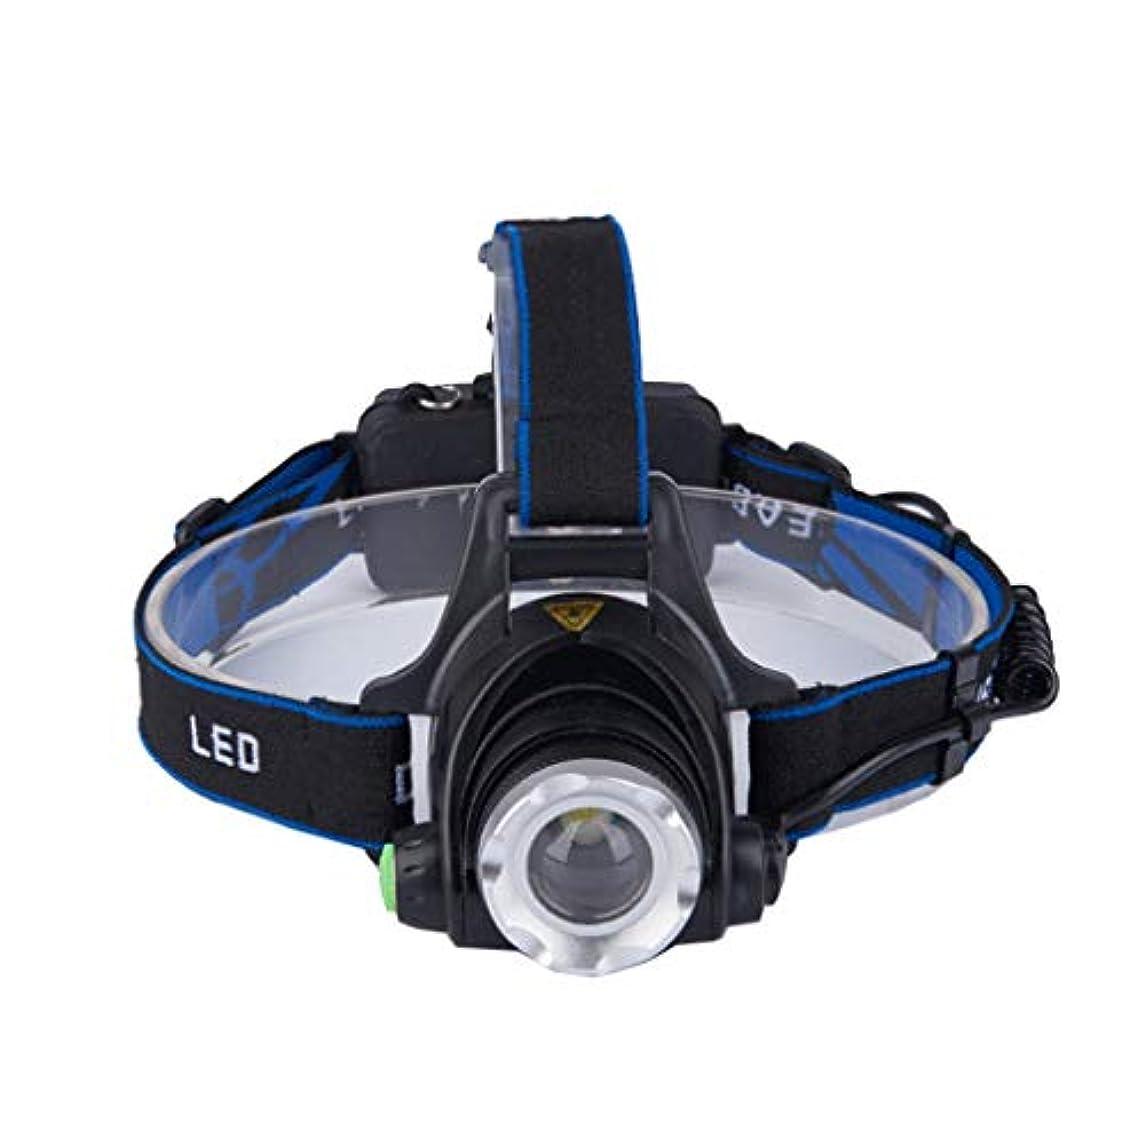 頑丈ハック告発者Nosterappou 強い光充電ヘッドマウントヘッドライト、光学カエルの目のレンズ、明確で純粋な光、集光集光、ランプヘッド取り外し可能なデザイン、超明るい長距離LEDライト屋外スポーツ乗馬夜釣り鉱夫のランプ